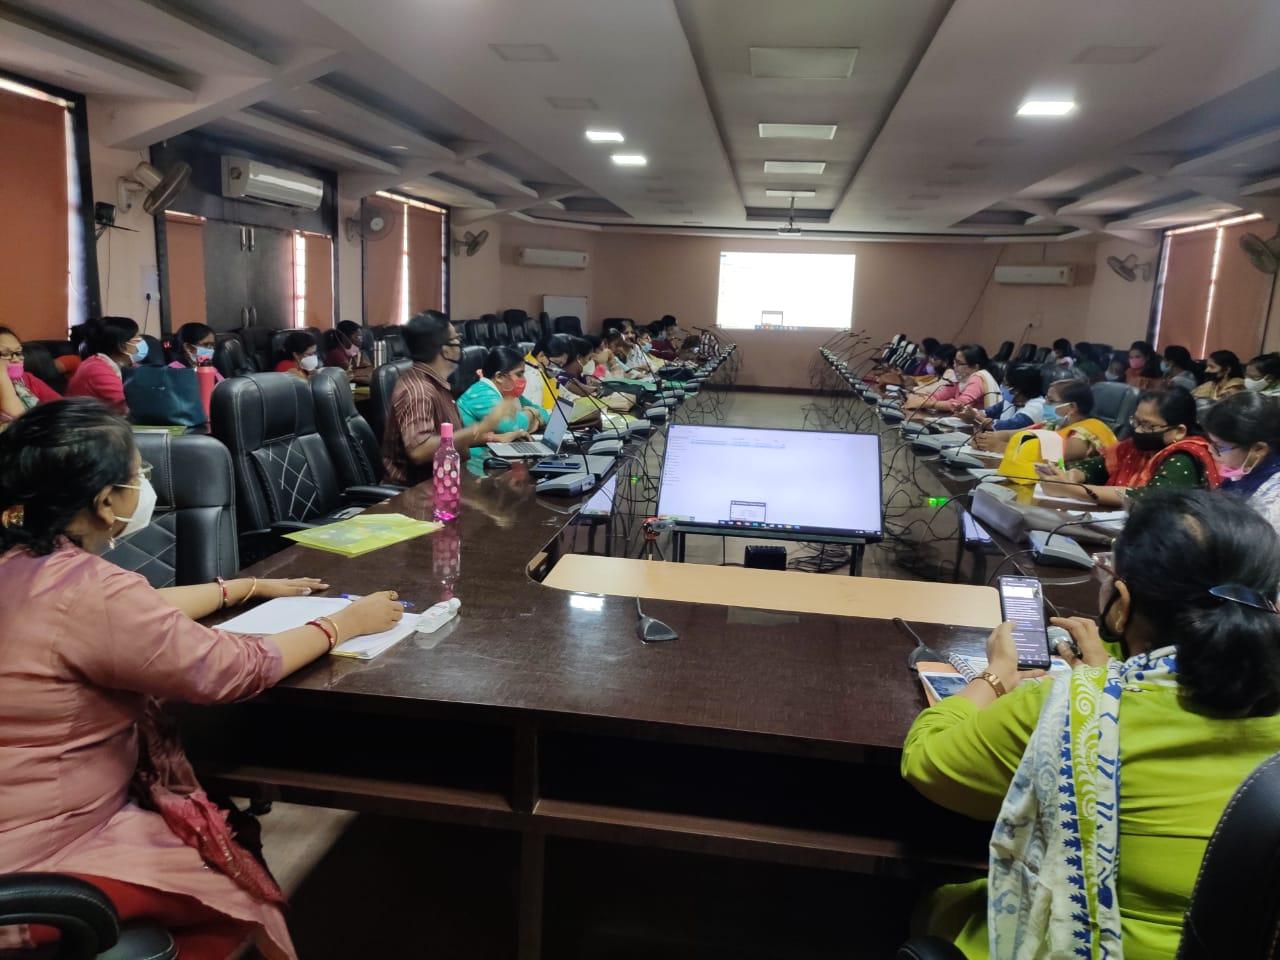 पोषण माह के तहत समाज कल्याण विभाग द्वारा एक दिवसीय प्रशिक्षण